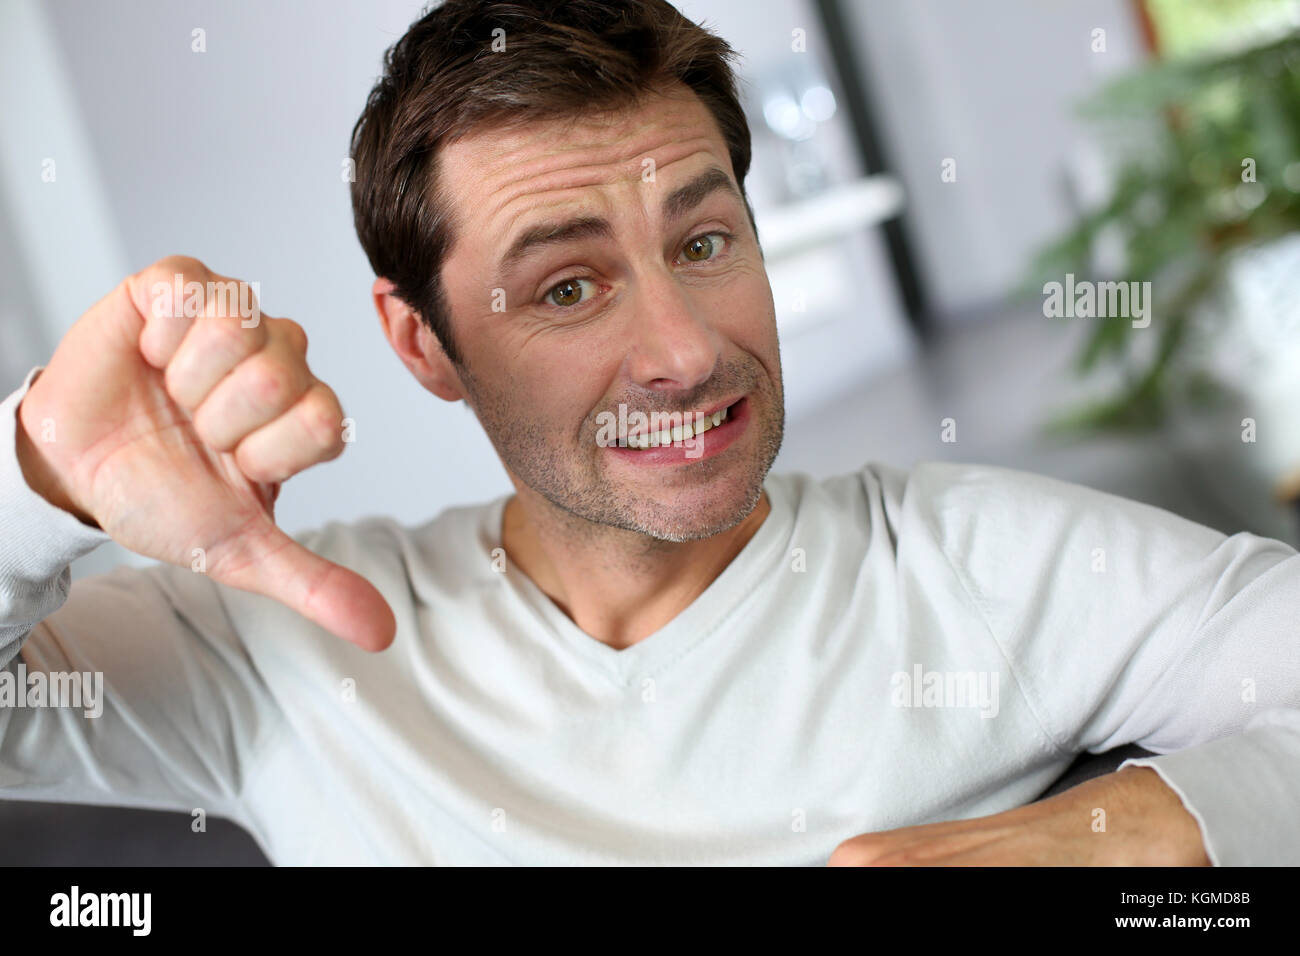 Hombre descontento mostrando pulgar abajo Imagen De Stock